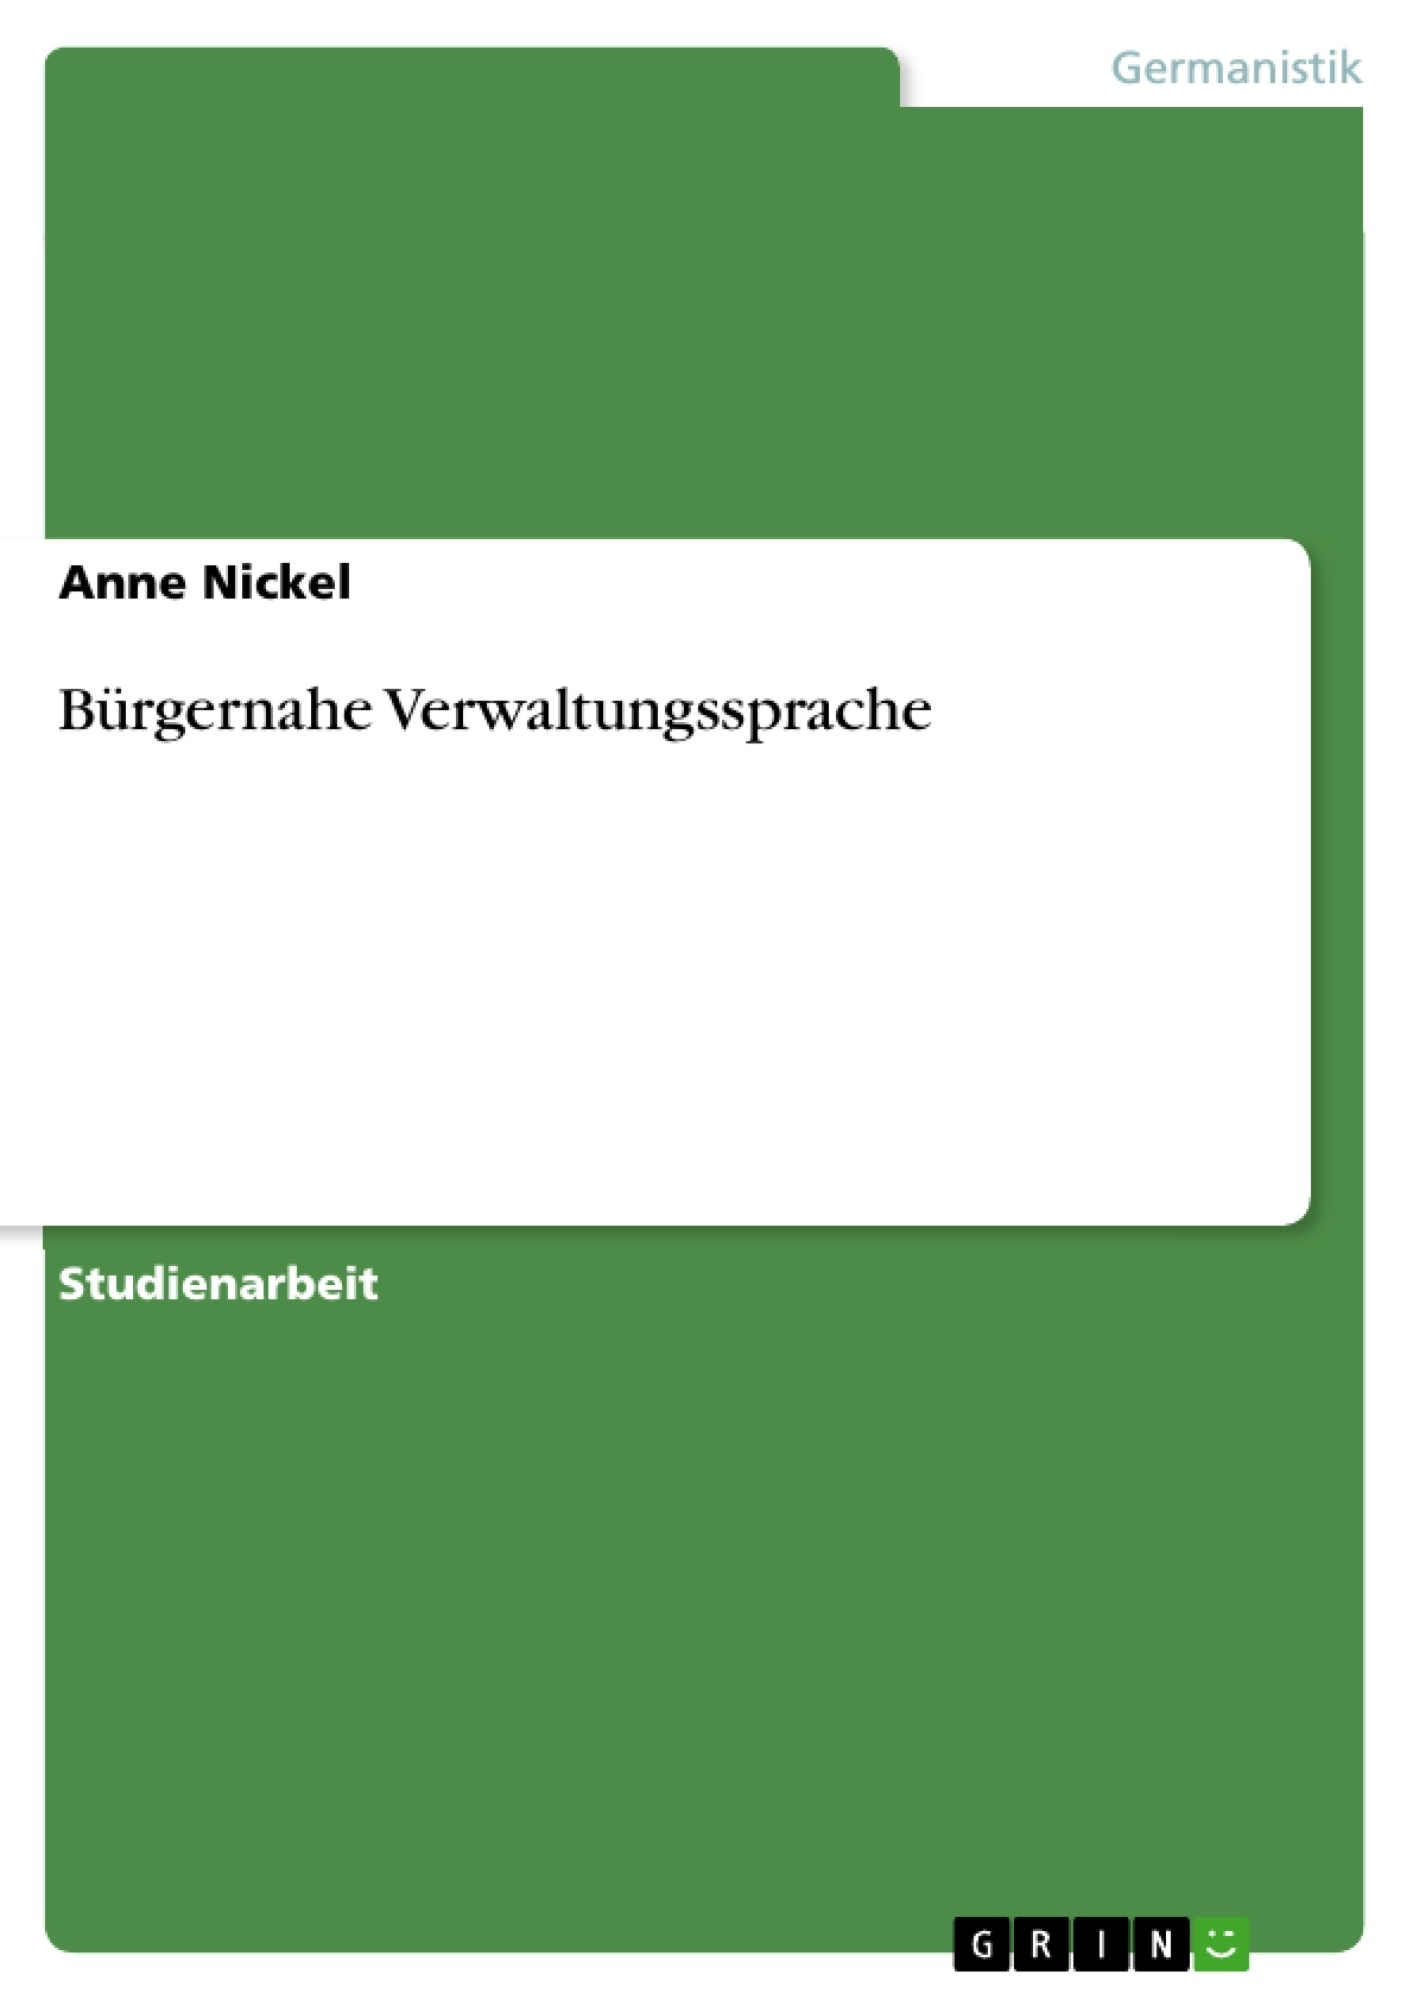 Titel: Bürgernahe Verwaltungssprache